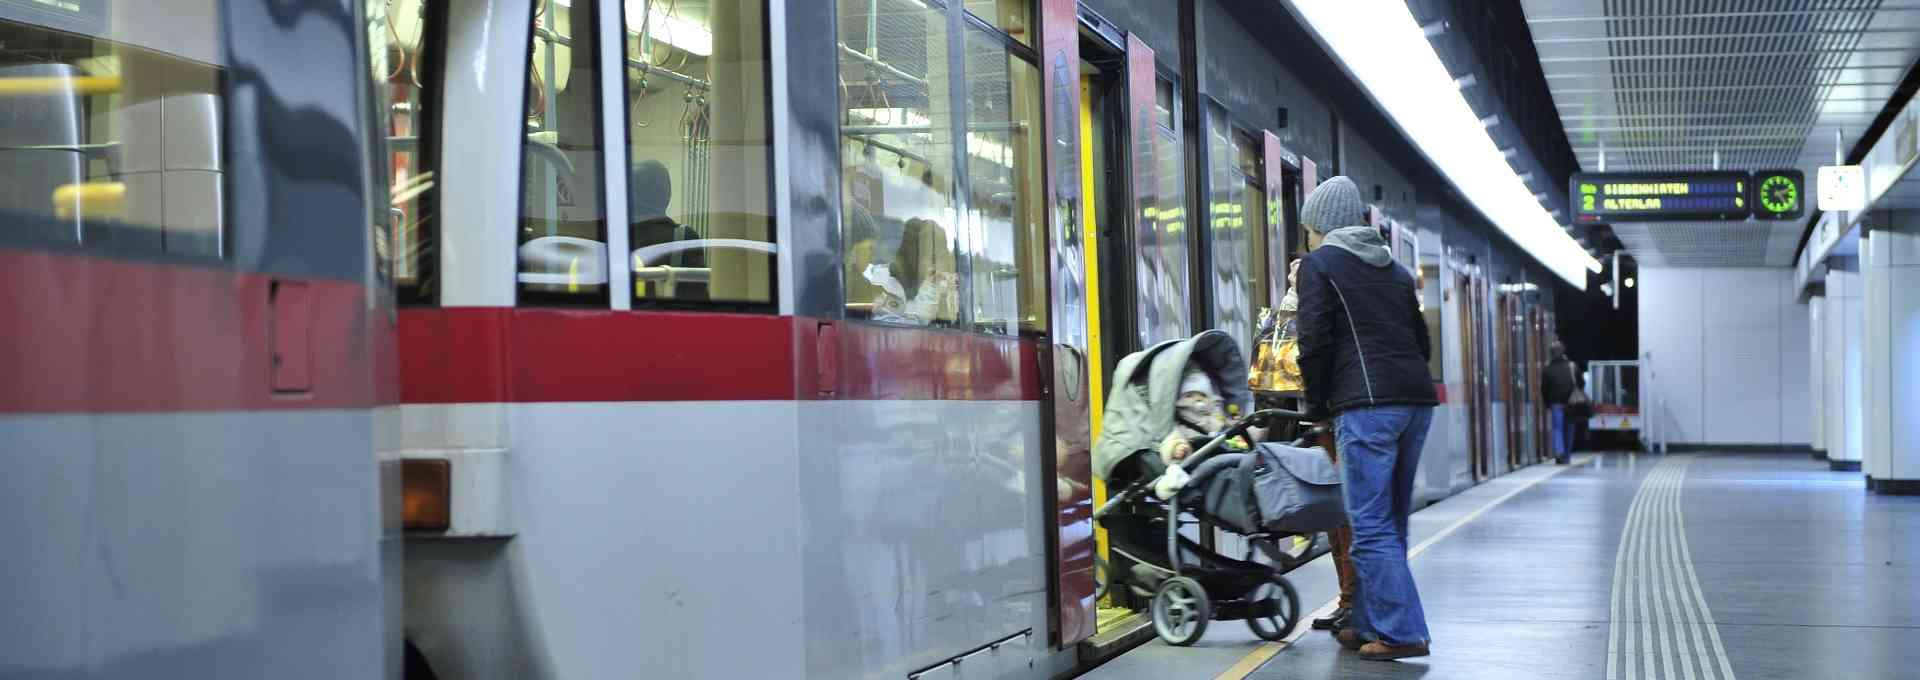 Viele Eltern mit Kinderwagen setzen auf die Öffis. Wir haben einige Tipps für sie.